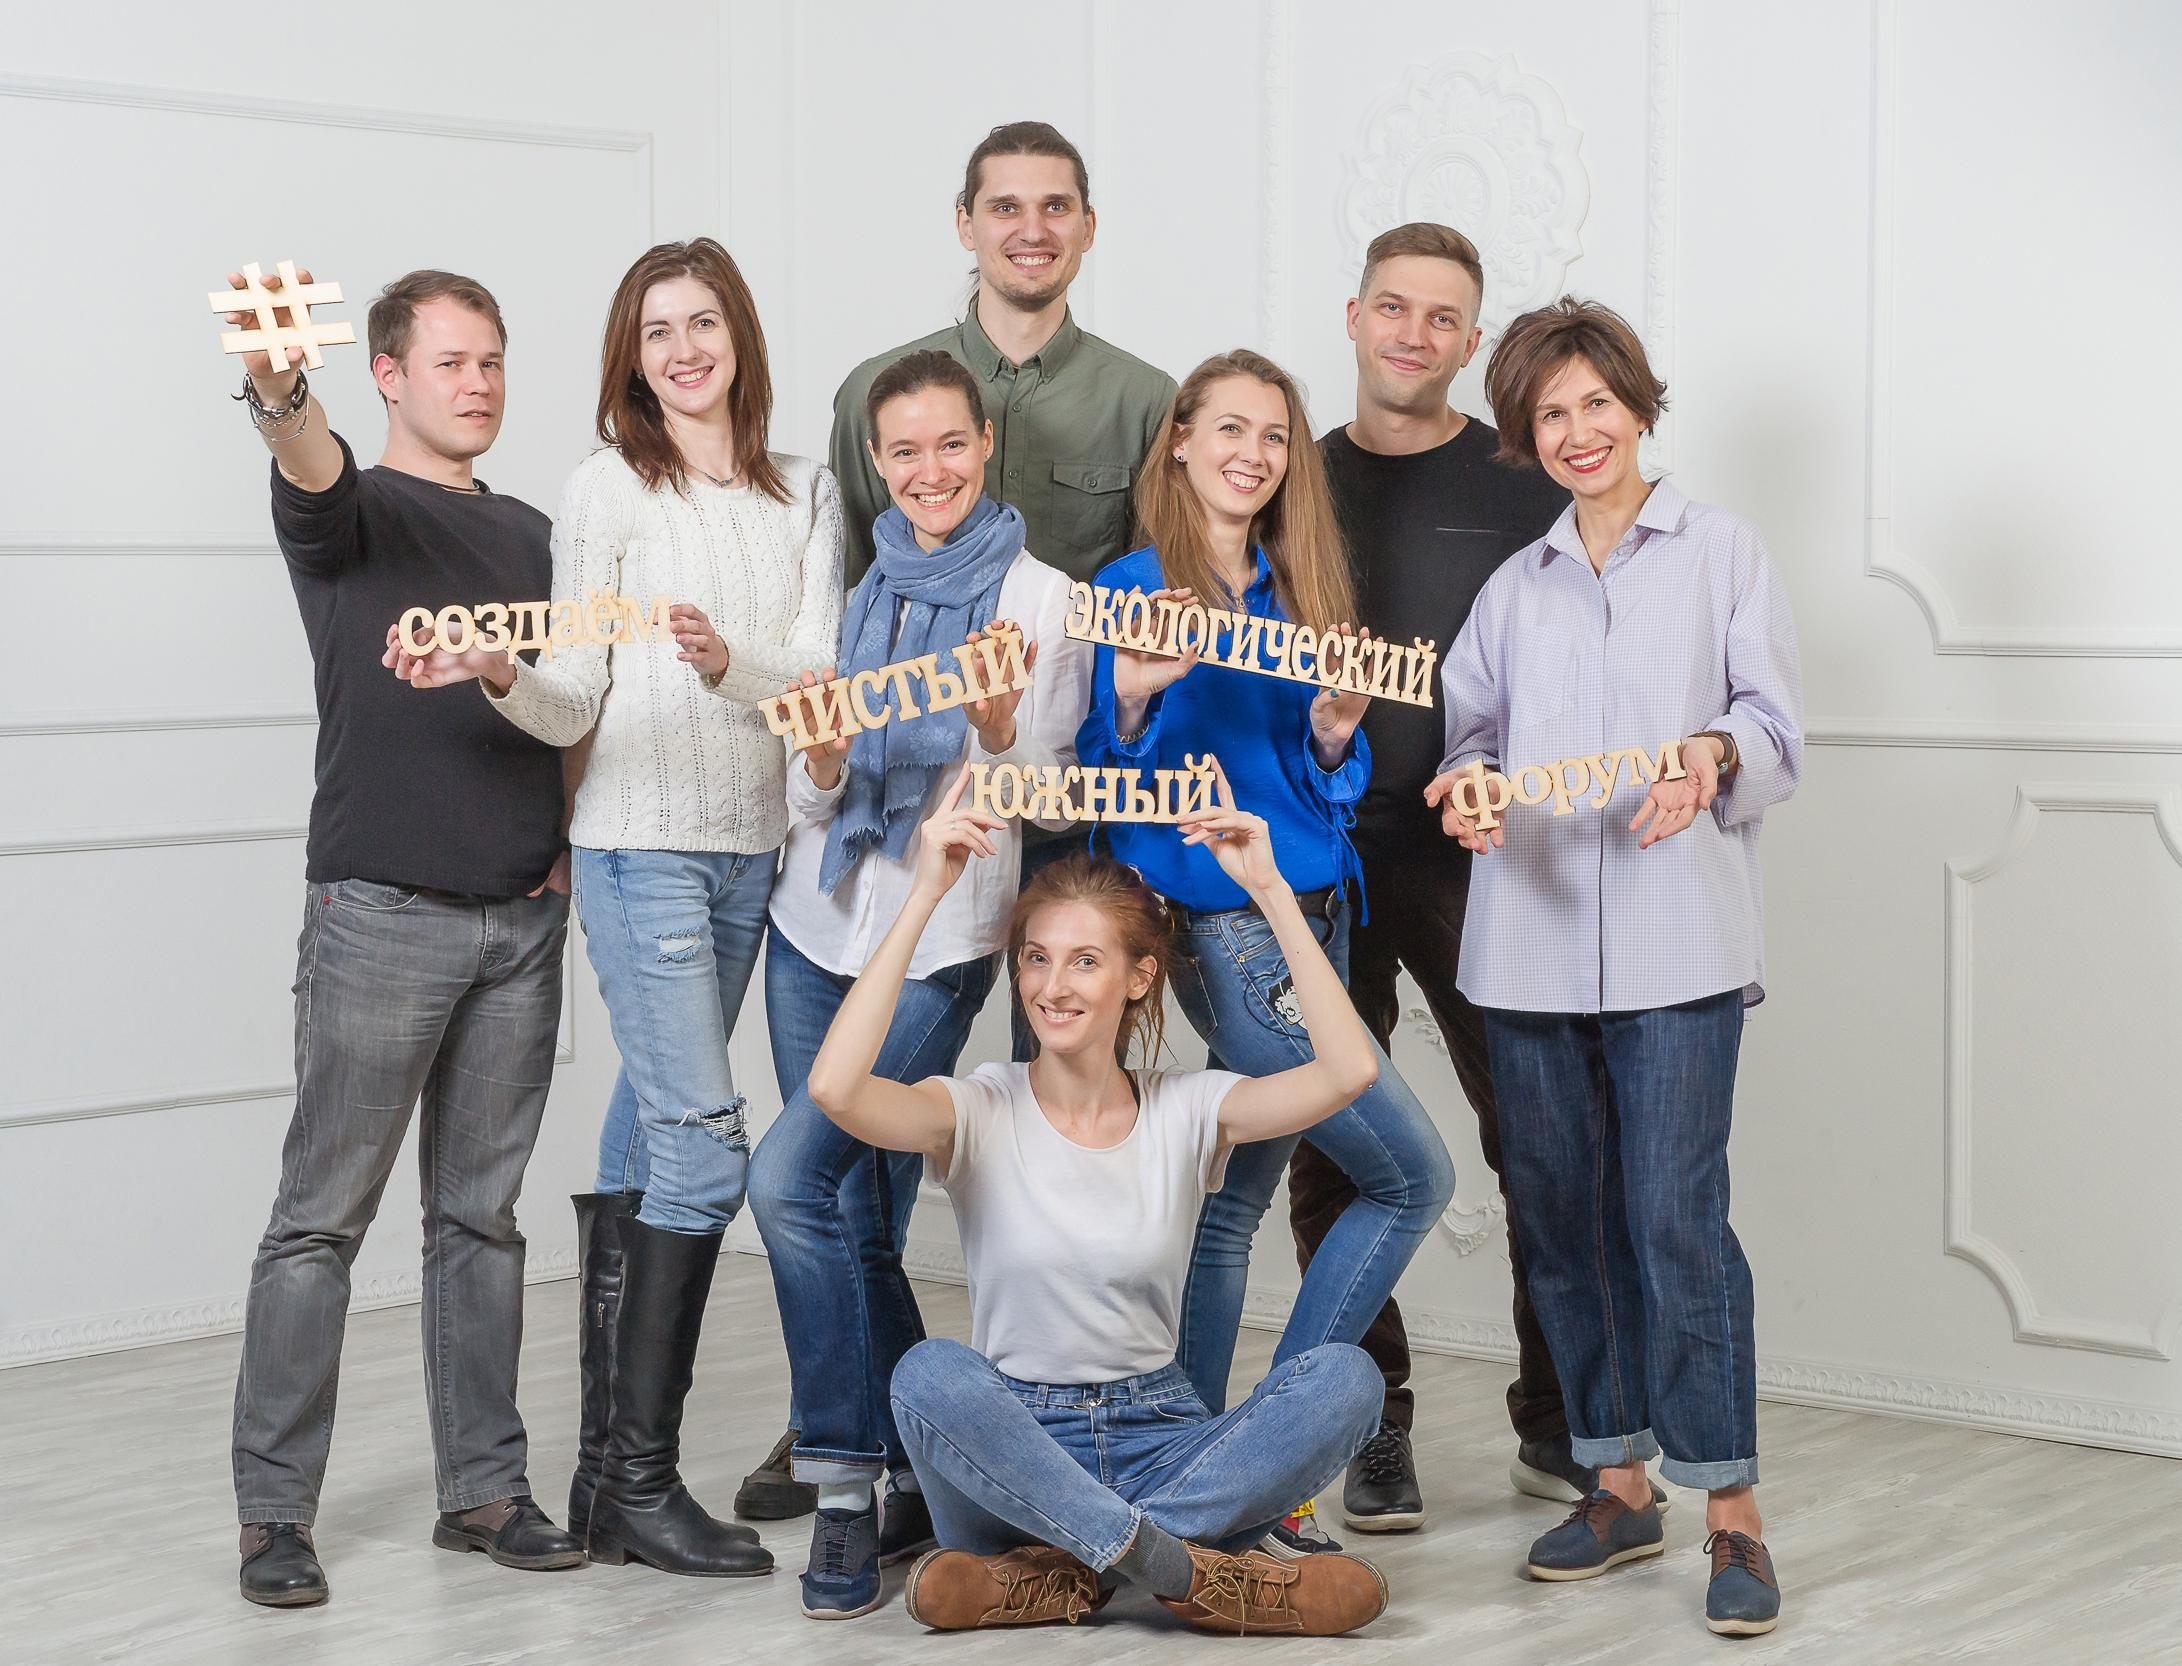 Участники экофорума в Краснодаре будут пить кофе из принесенных с собой кружек